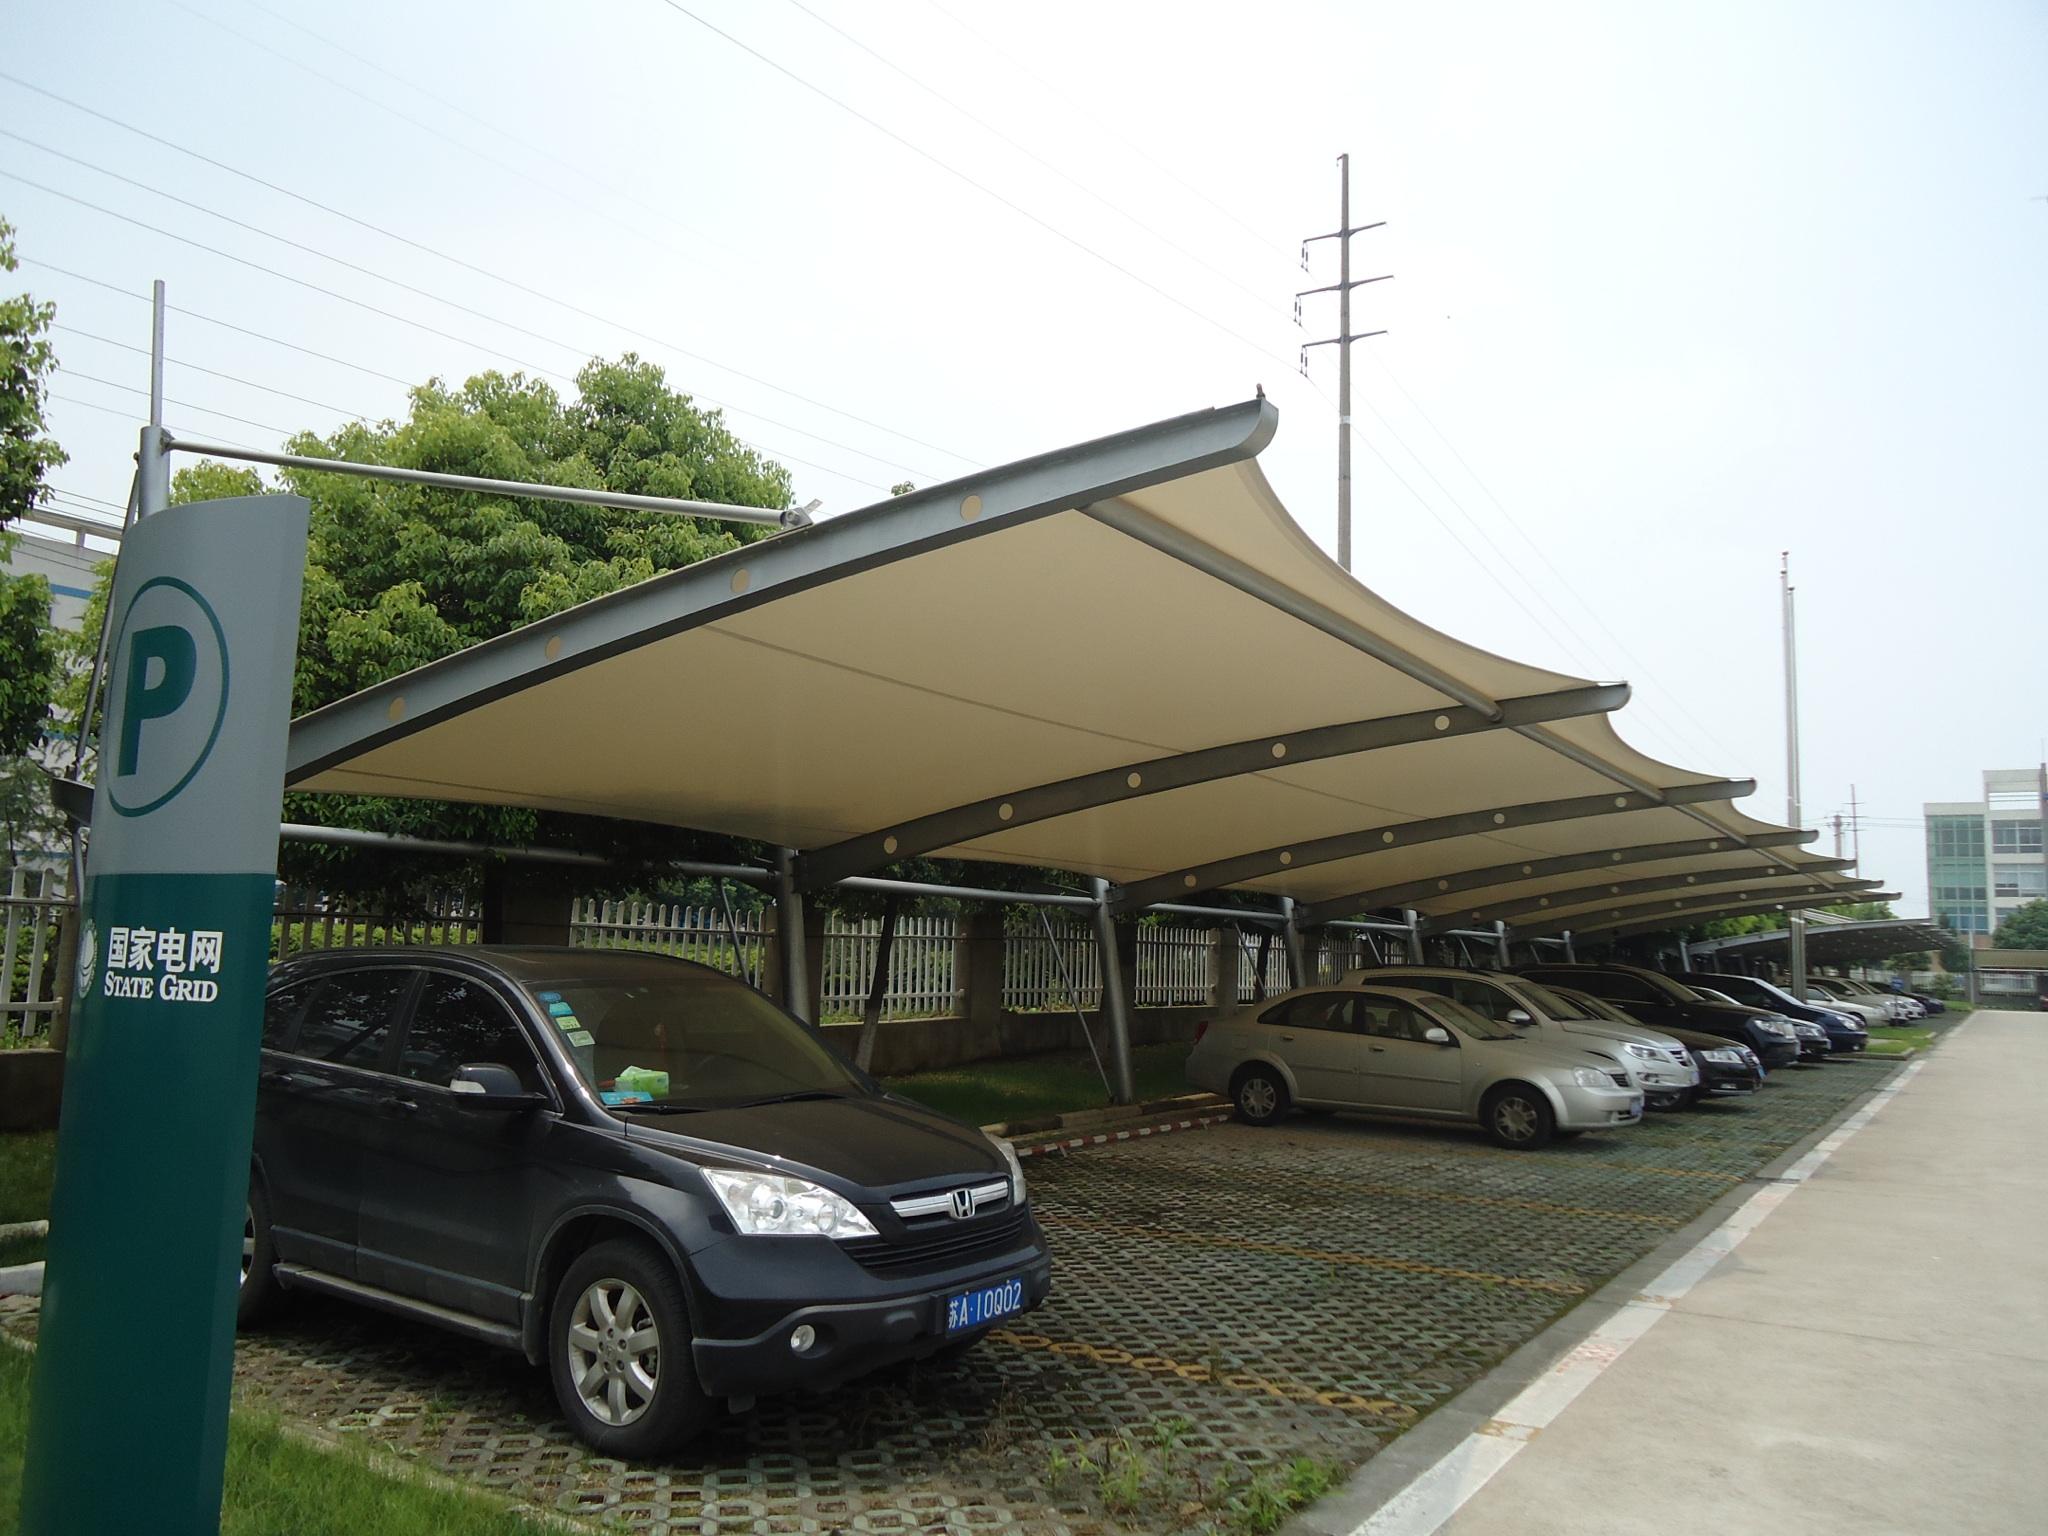 车棚 膜结构车棚 张拉膜车棚 景观车棚车棚分类 52.png